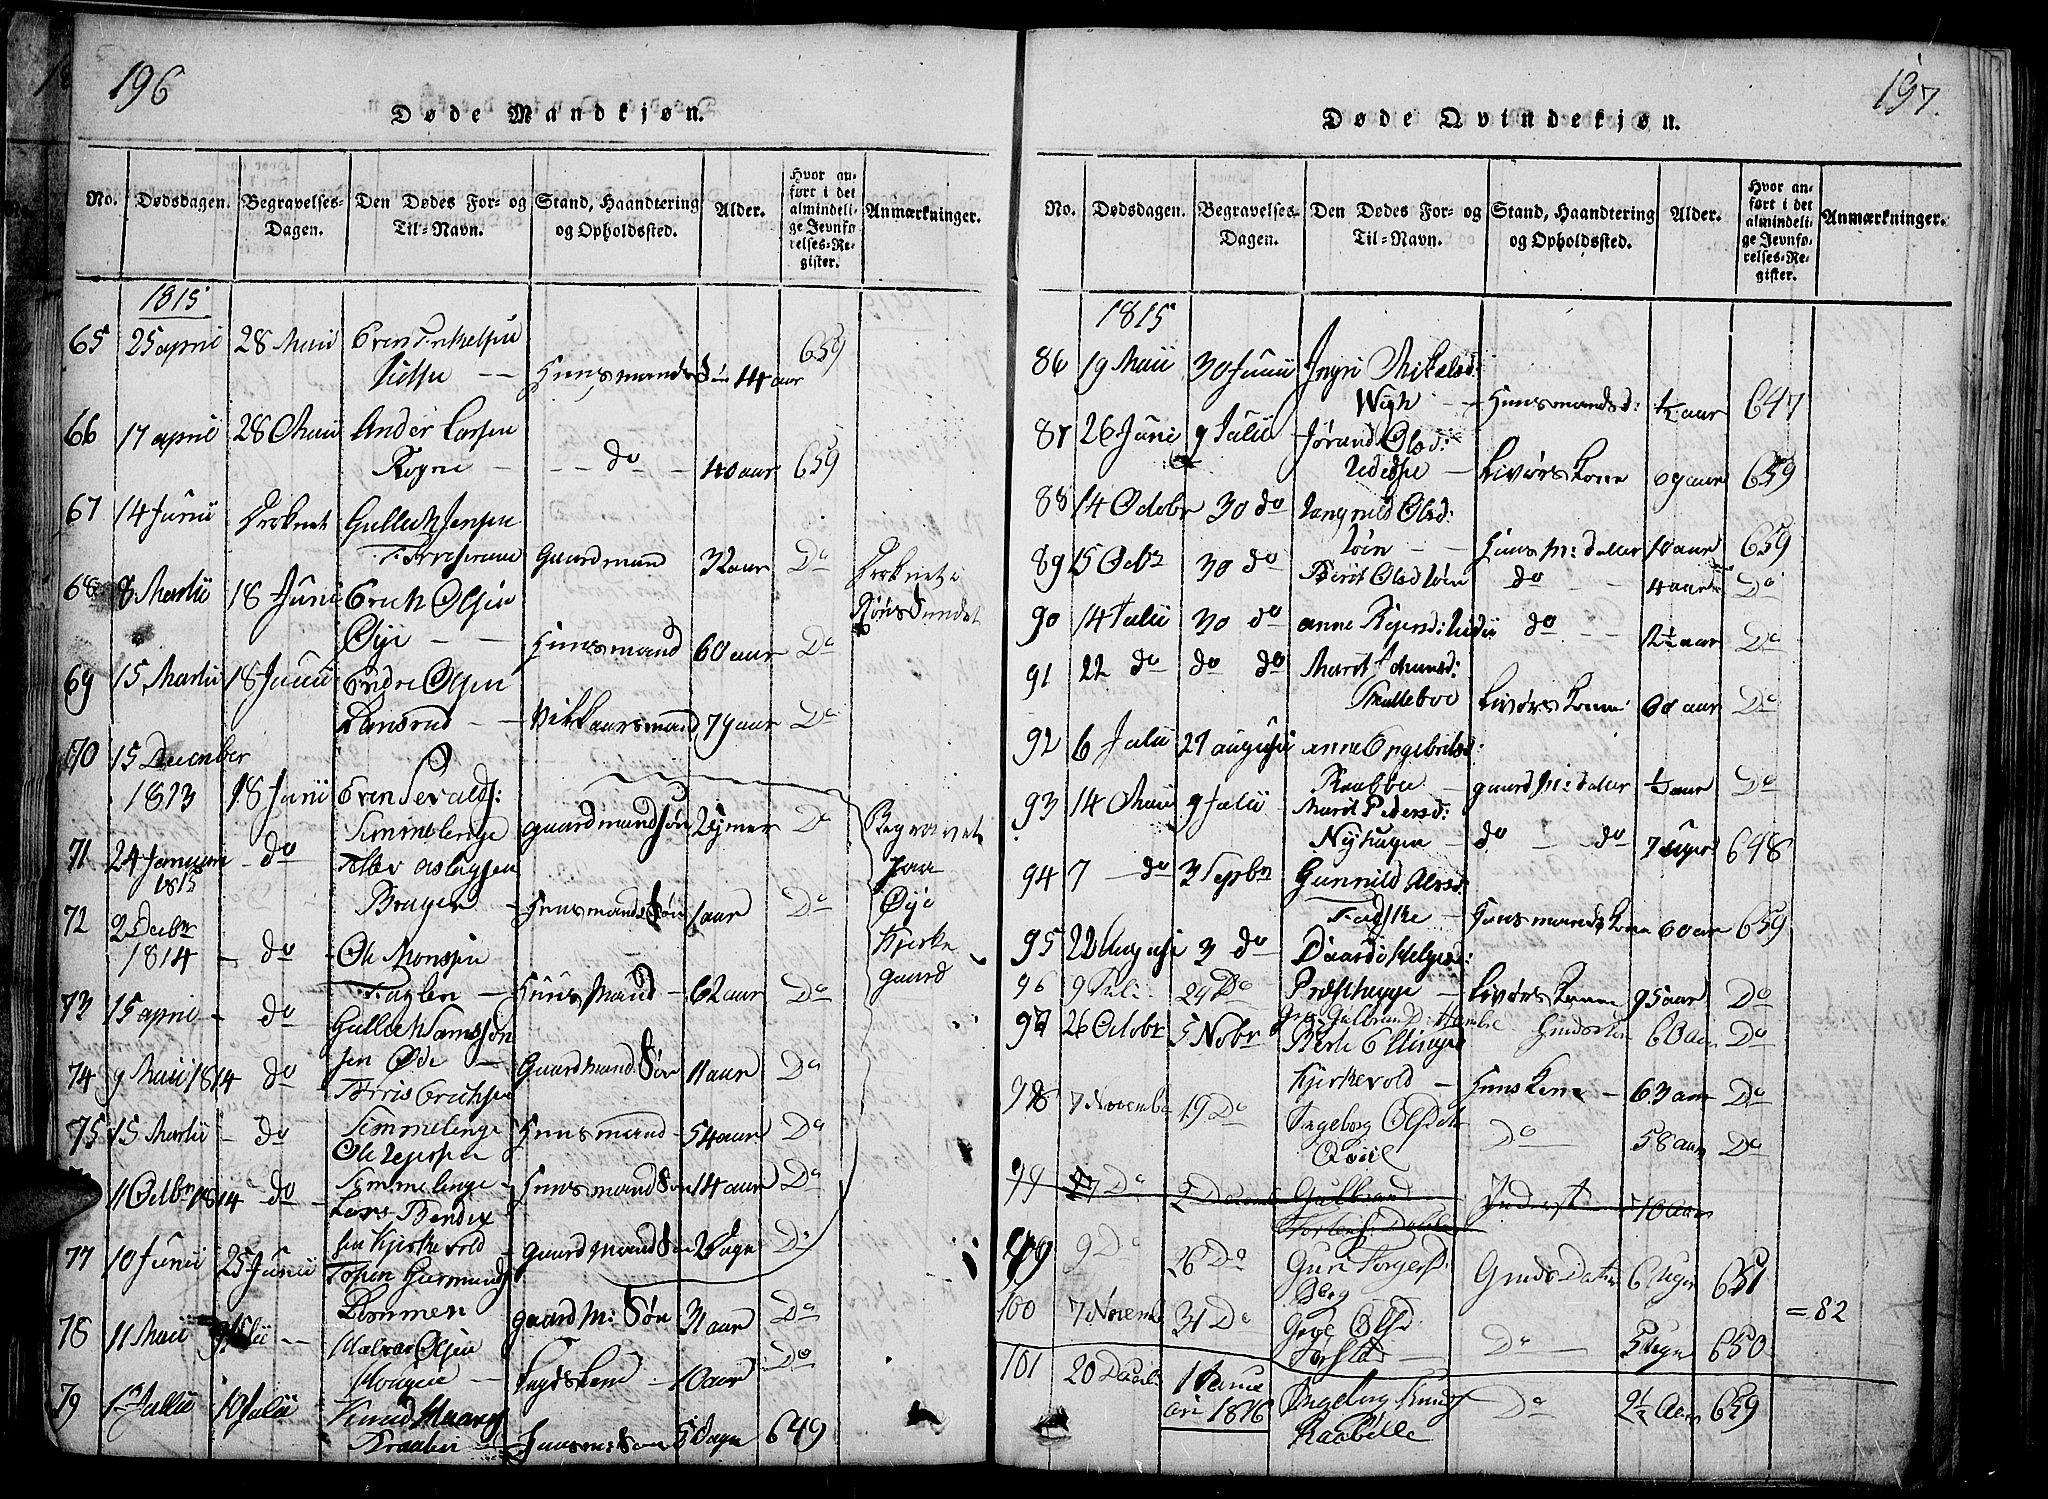 SAH, Slidre prestekontor, Ministerialbok nr. 2, 1814-1830, s. 196-197